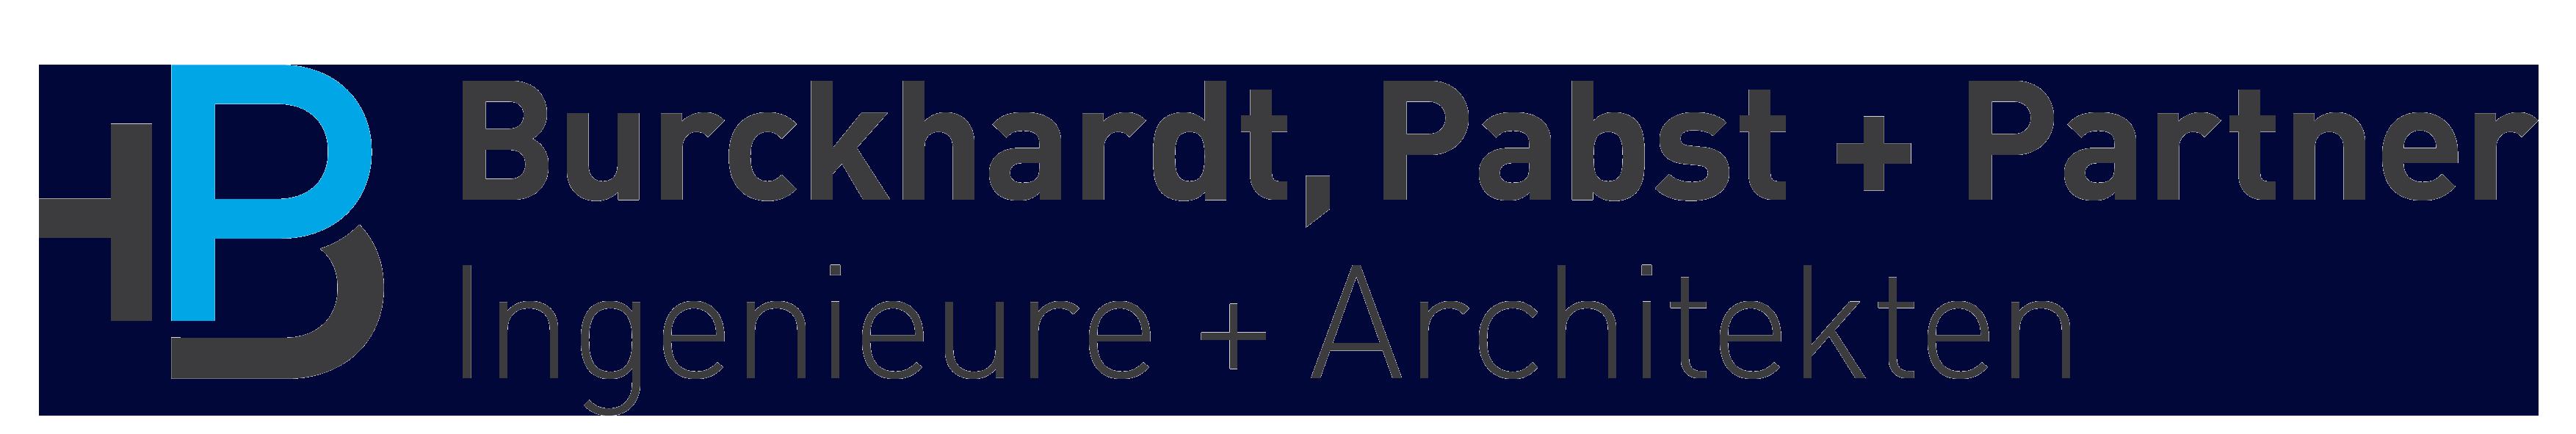 Burckhardt, Pabst + Partner Ingenieure + Architekten